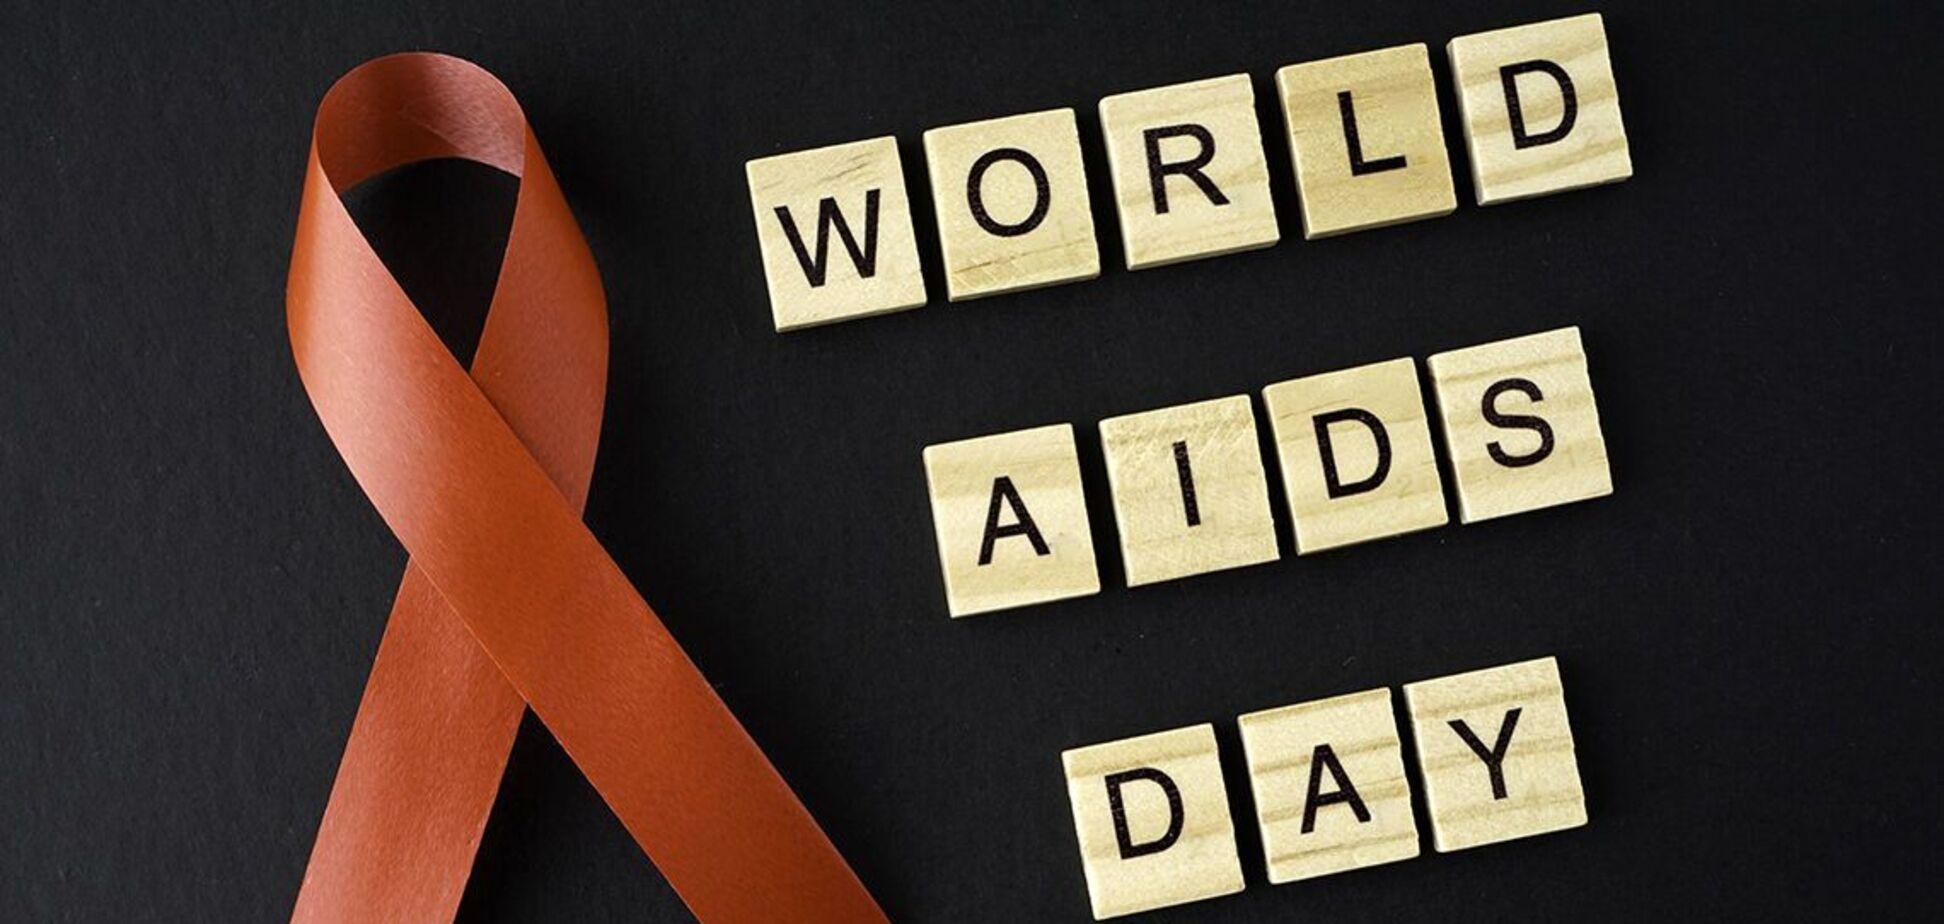 ВІЛ-інфекція: що потрібно знати про шляхи передачі та методи профілактики